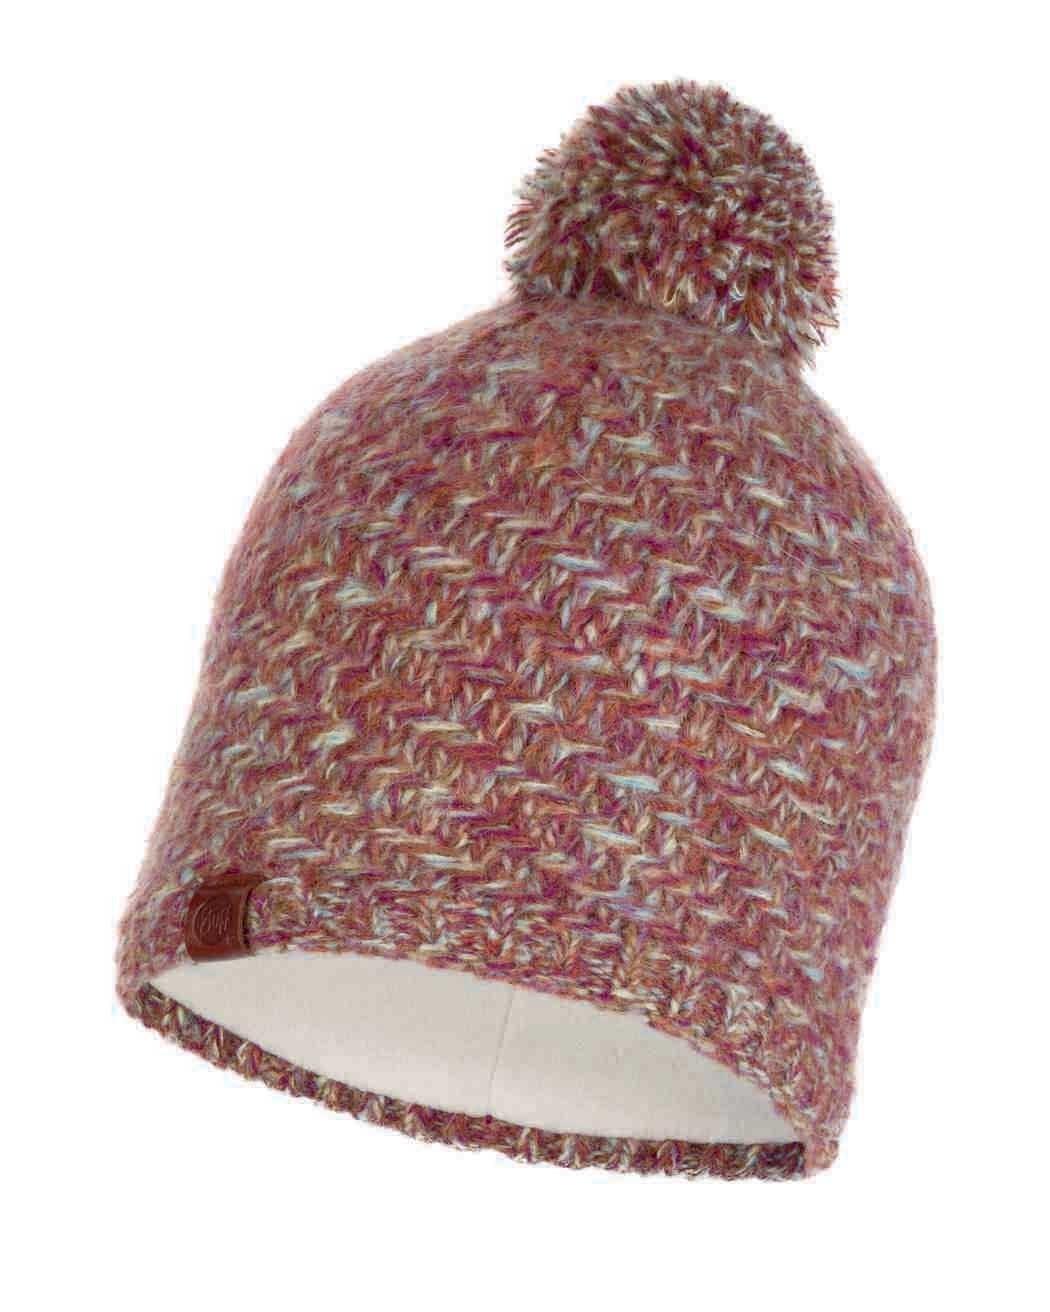 Шапки с помпоном Вязаная шапка с флисовой подкладкой Buff Hat Knitted Polar Agna Multi 117849.555.10.00.jpg